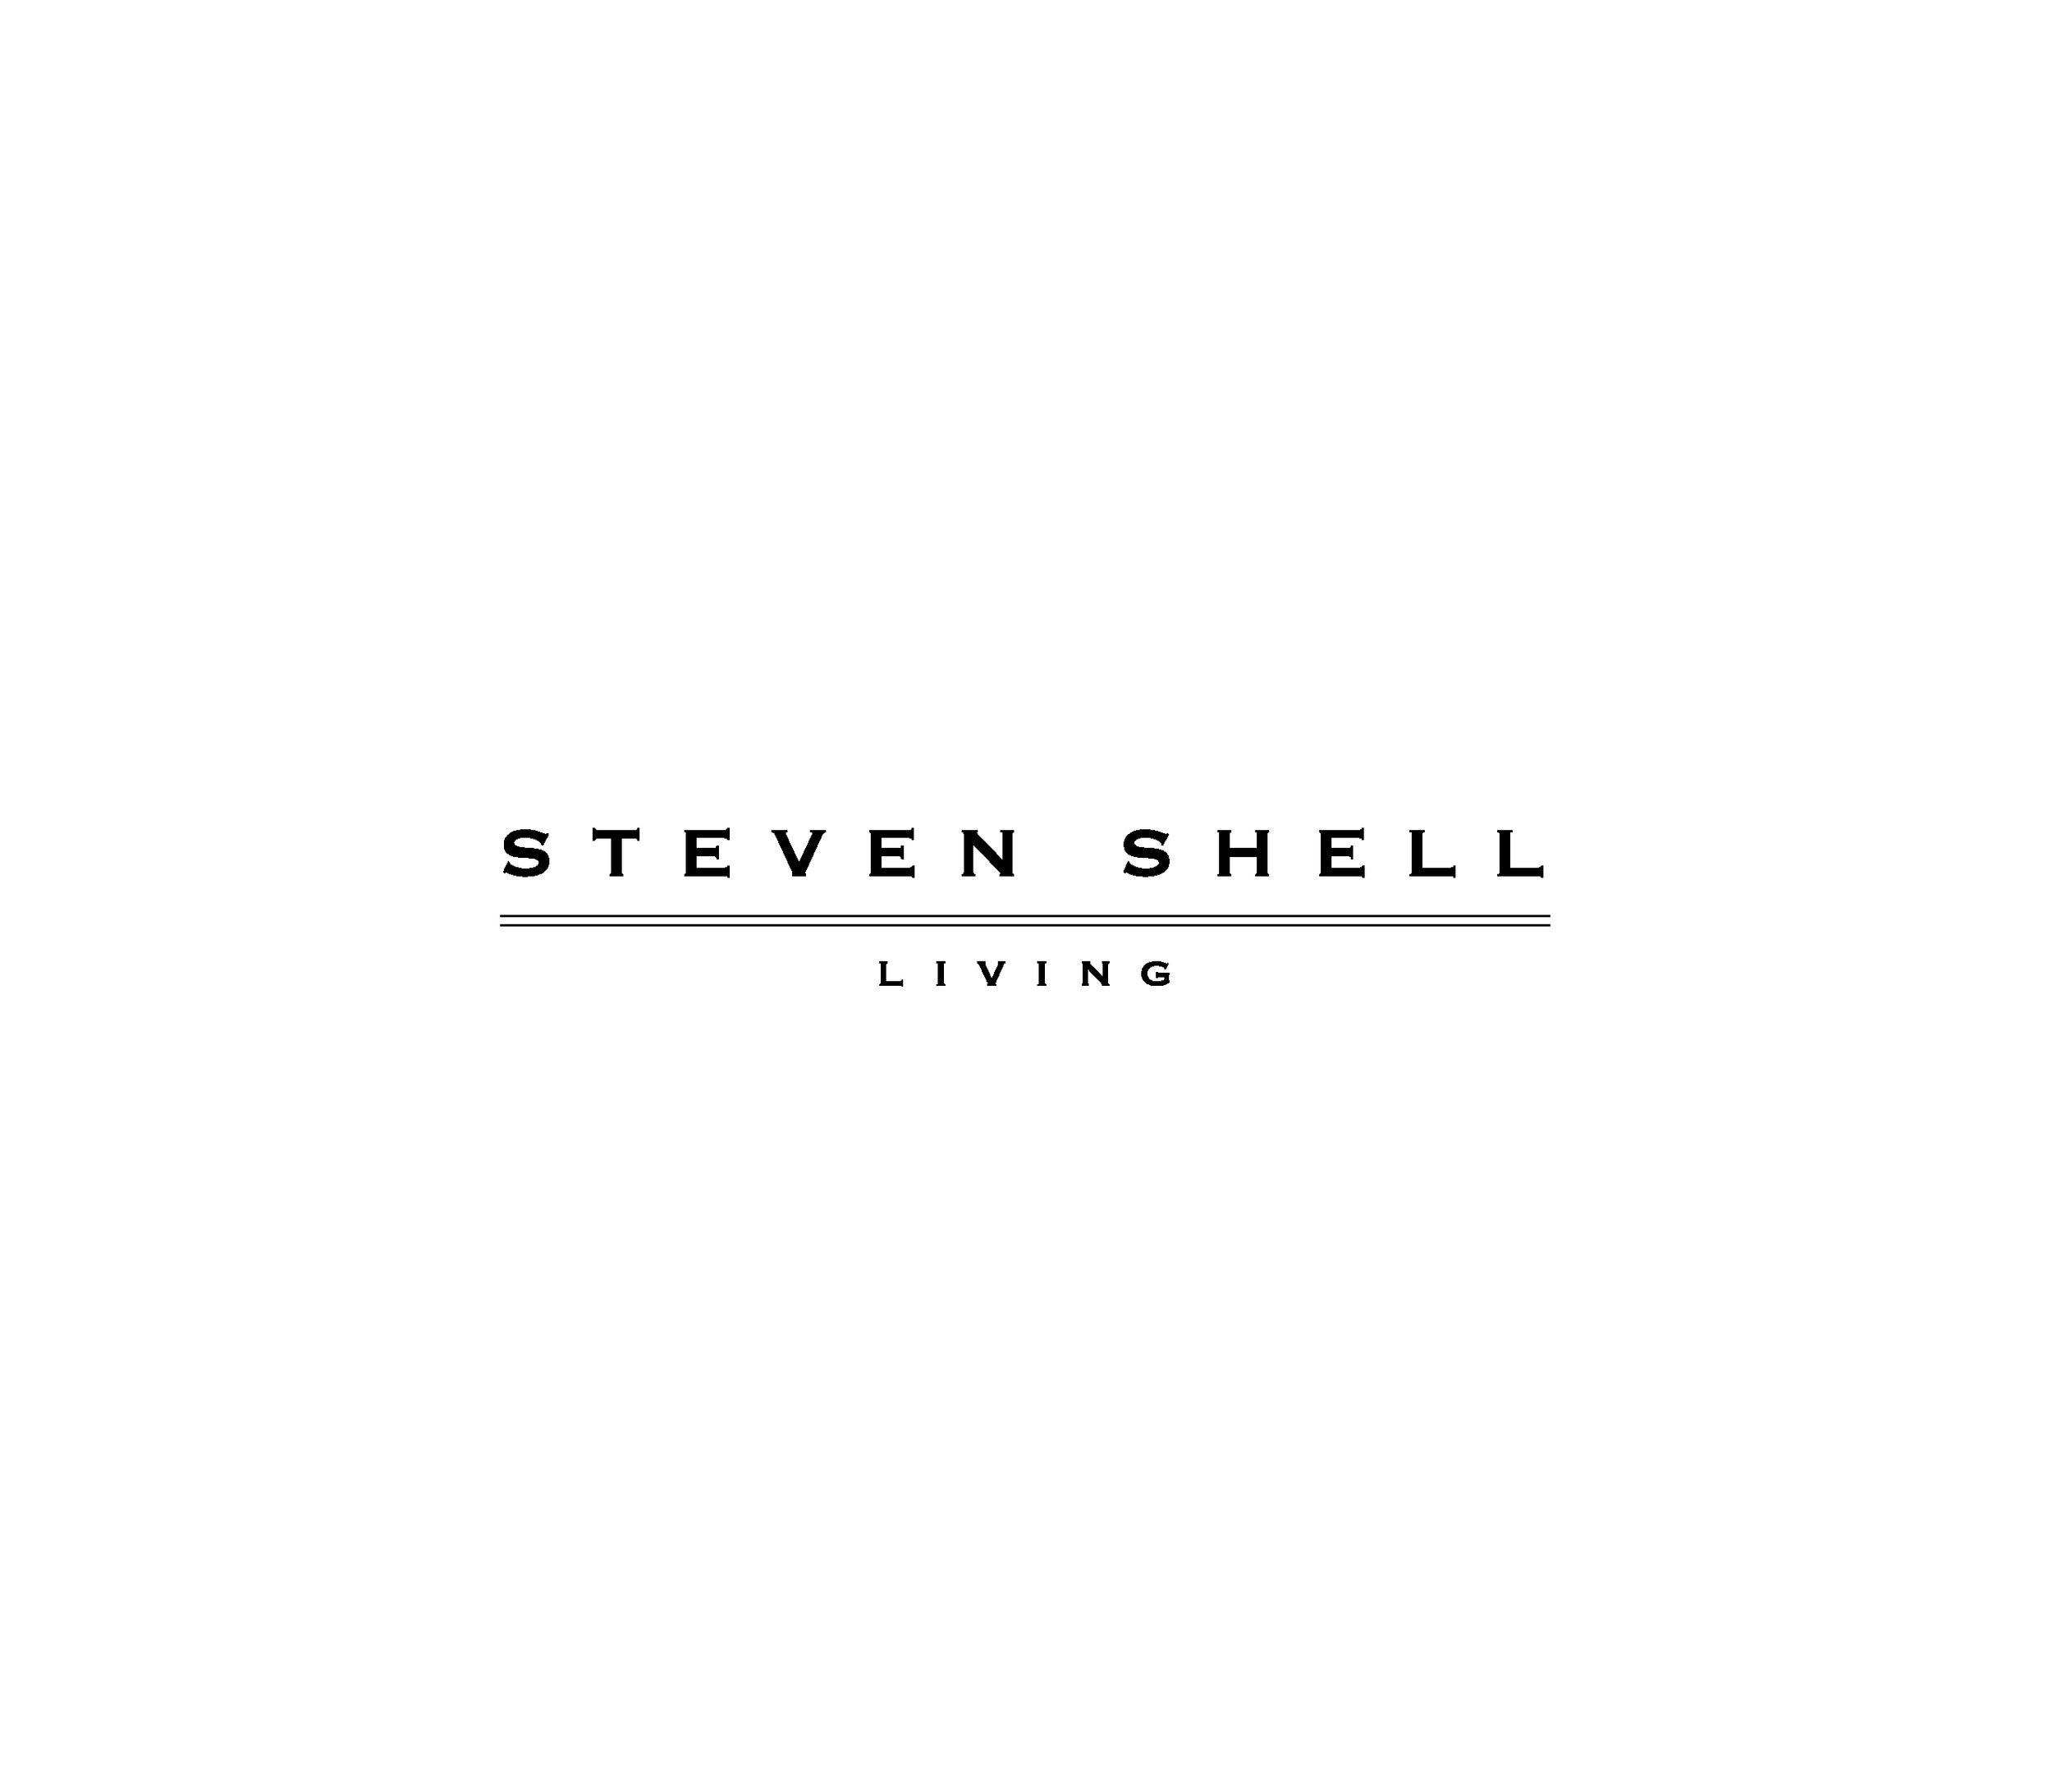 Steven Shell living logo-01.jpg